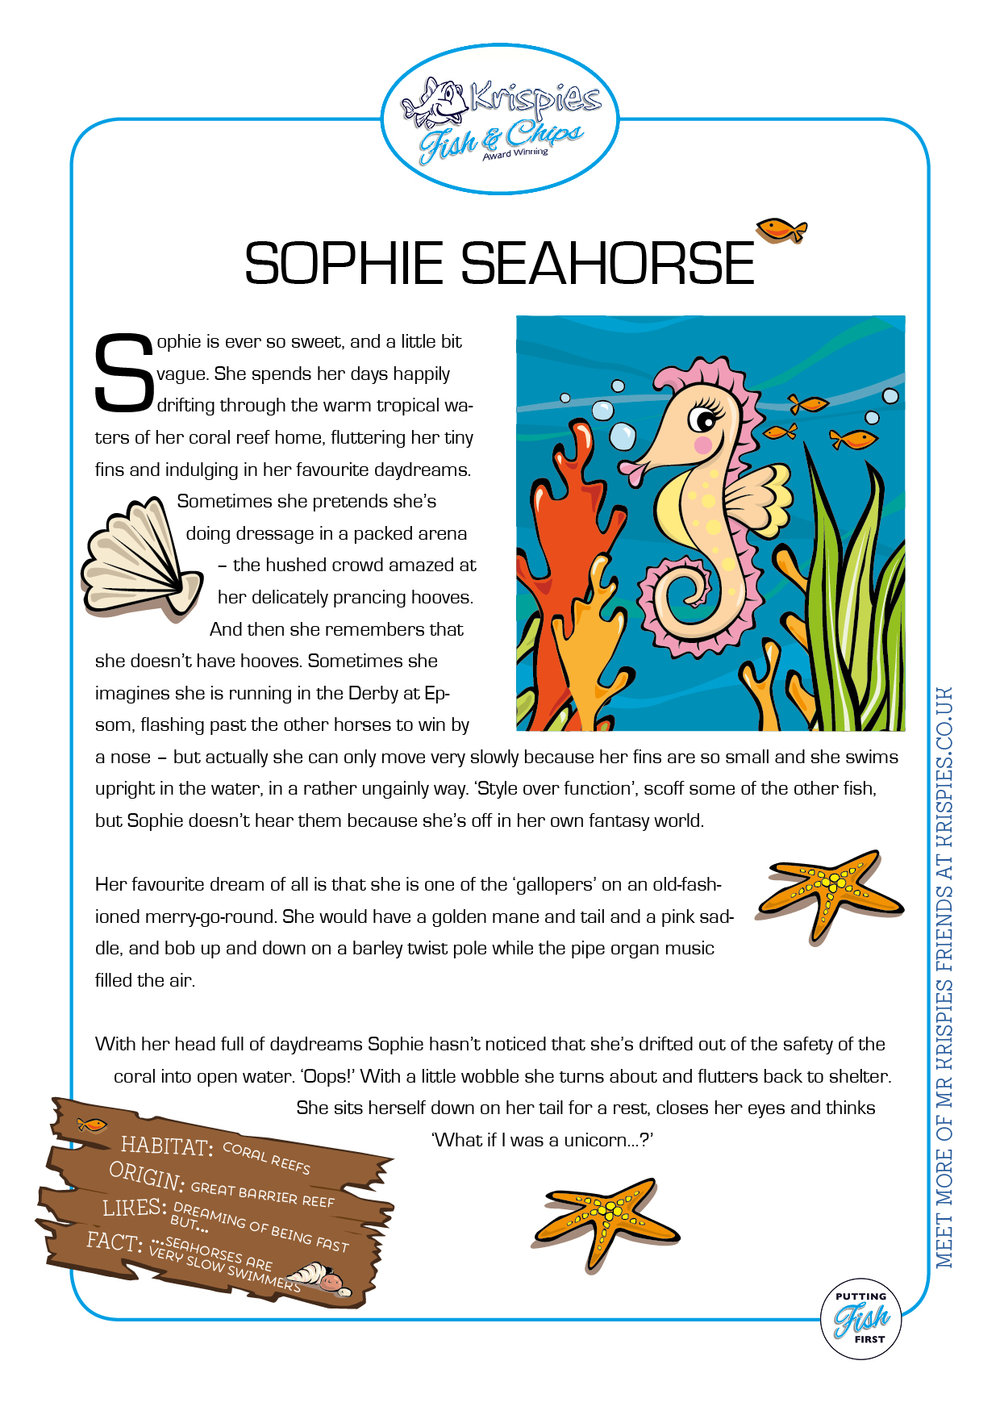 SophieSeahorse.jpg